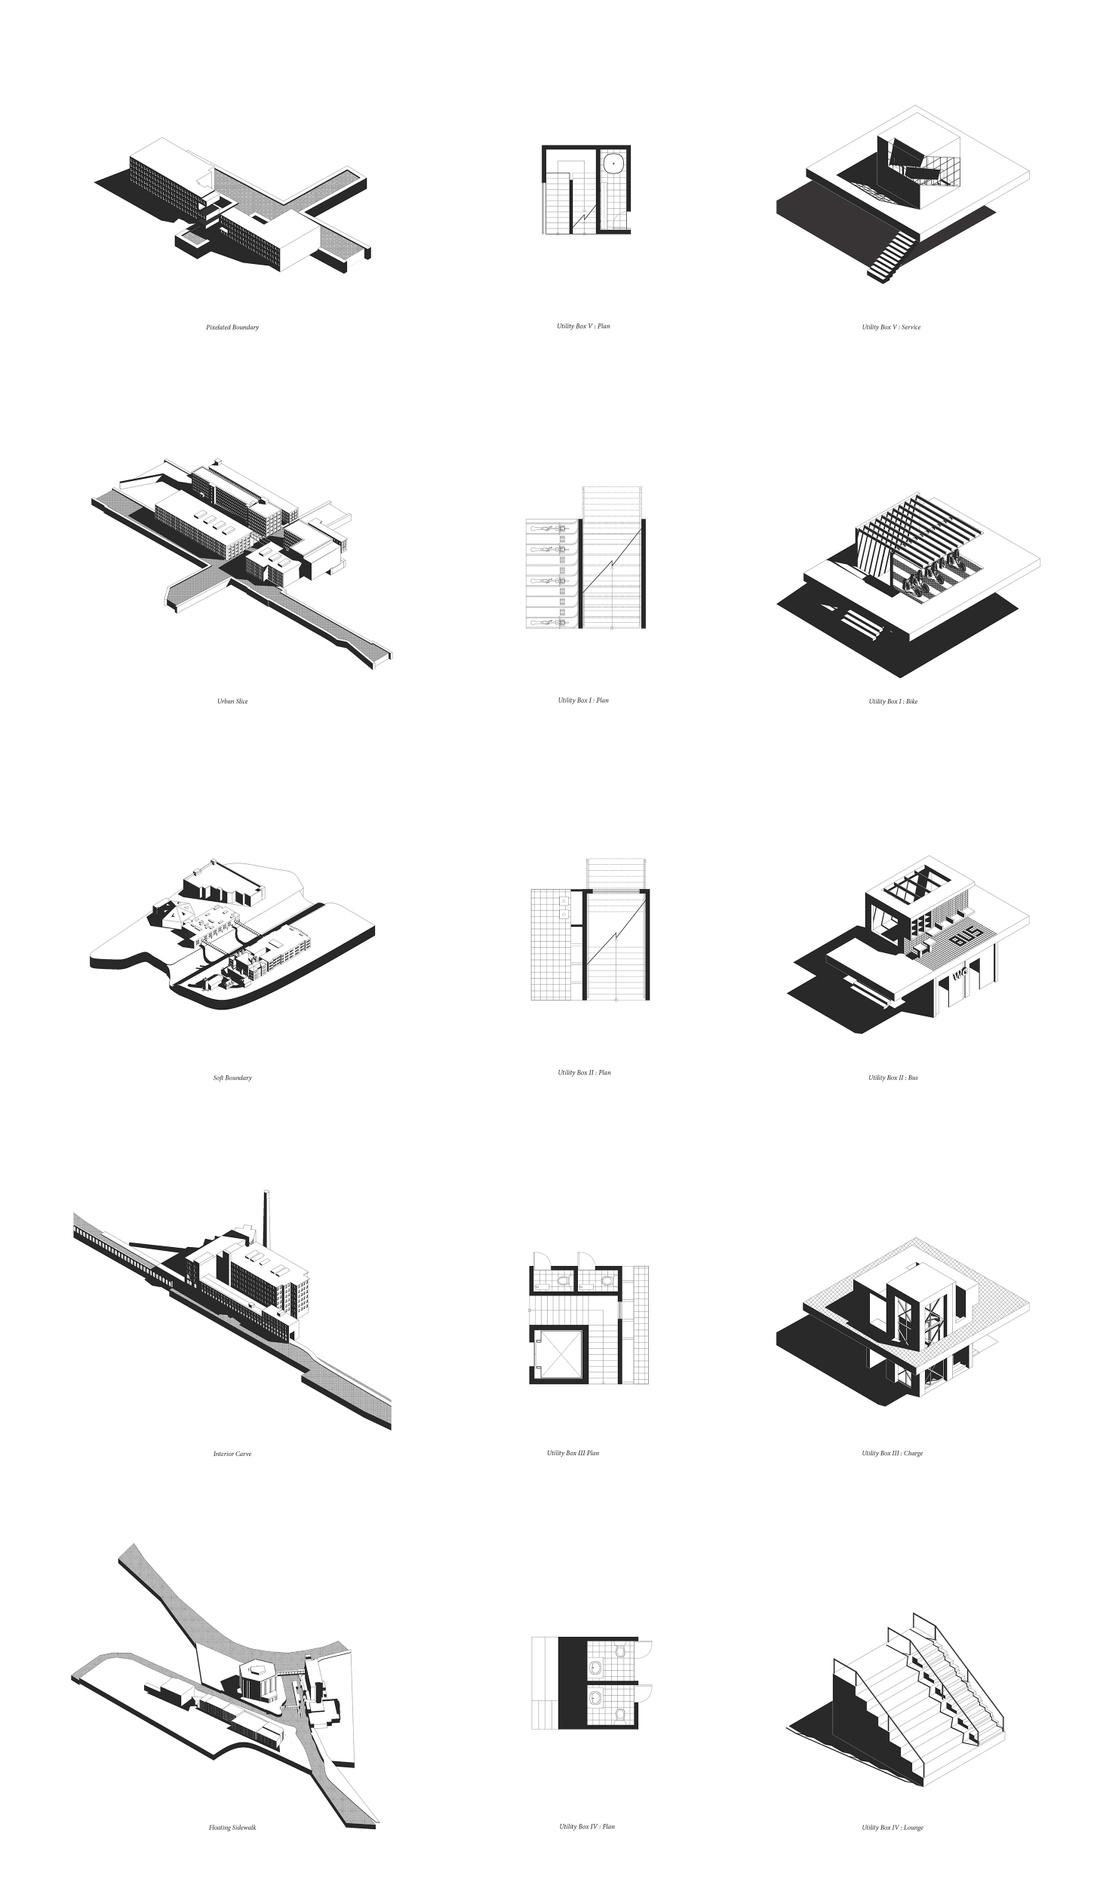 Typology diagram